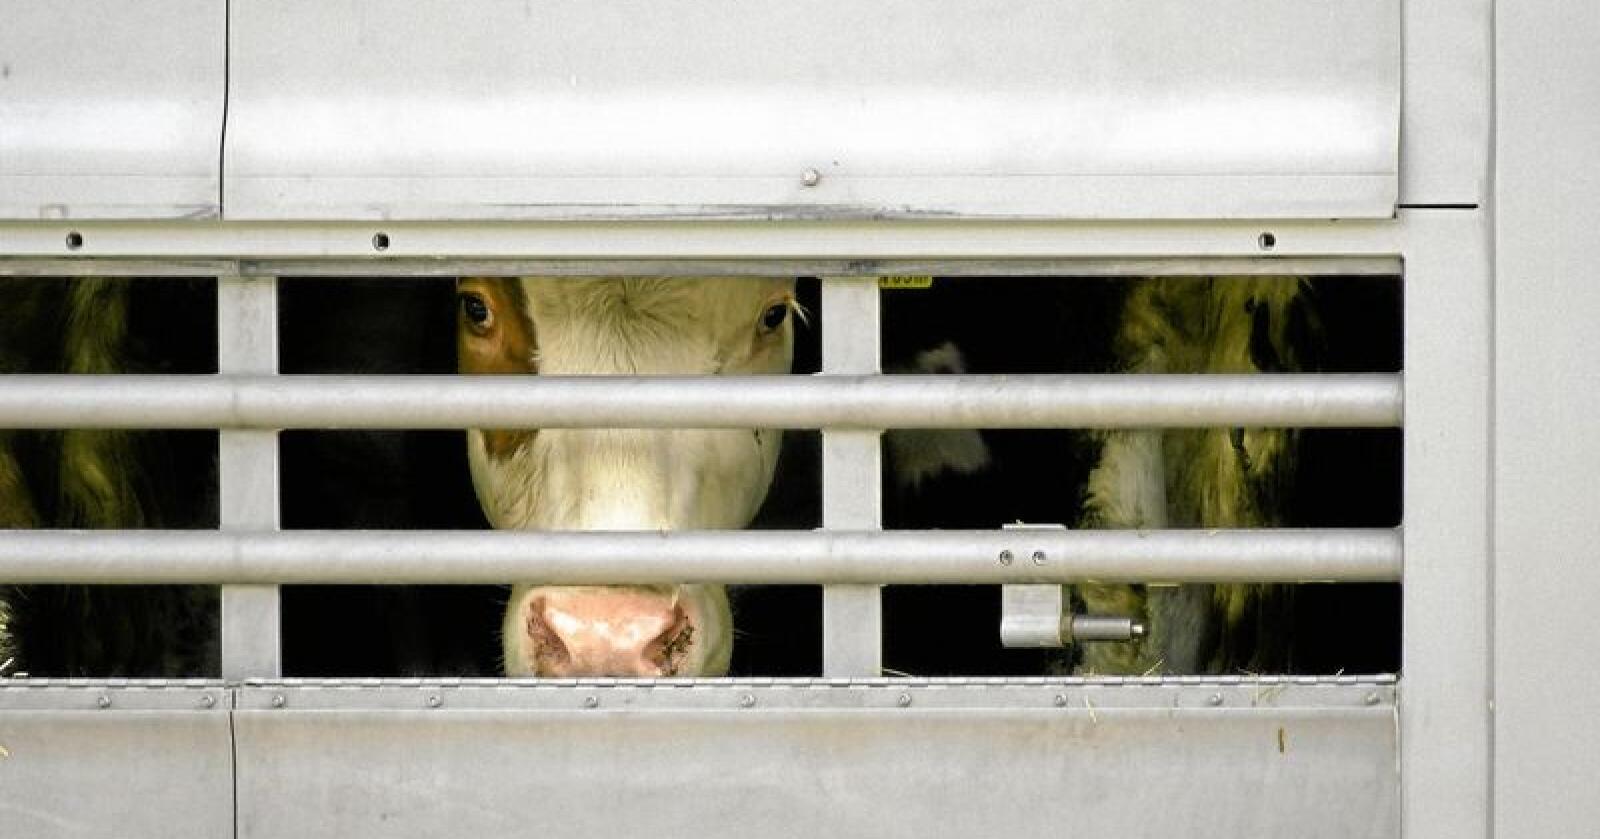 Dyretransport kan kun gjennomføres med kjøleanlegg eller på natten i denne varmen. Illustrasjonsfoto: Richard Schramm / Colourbox